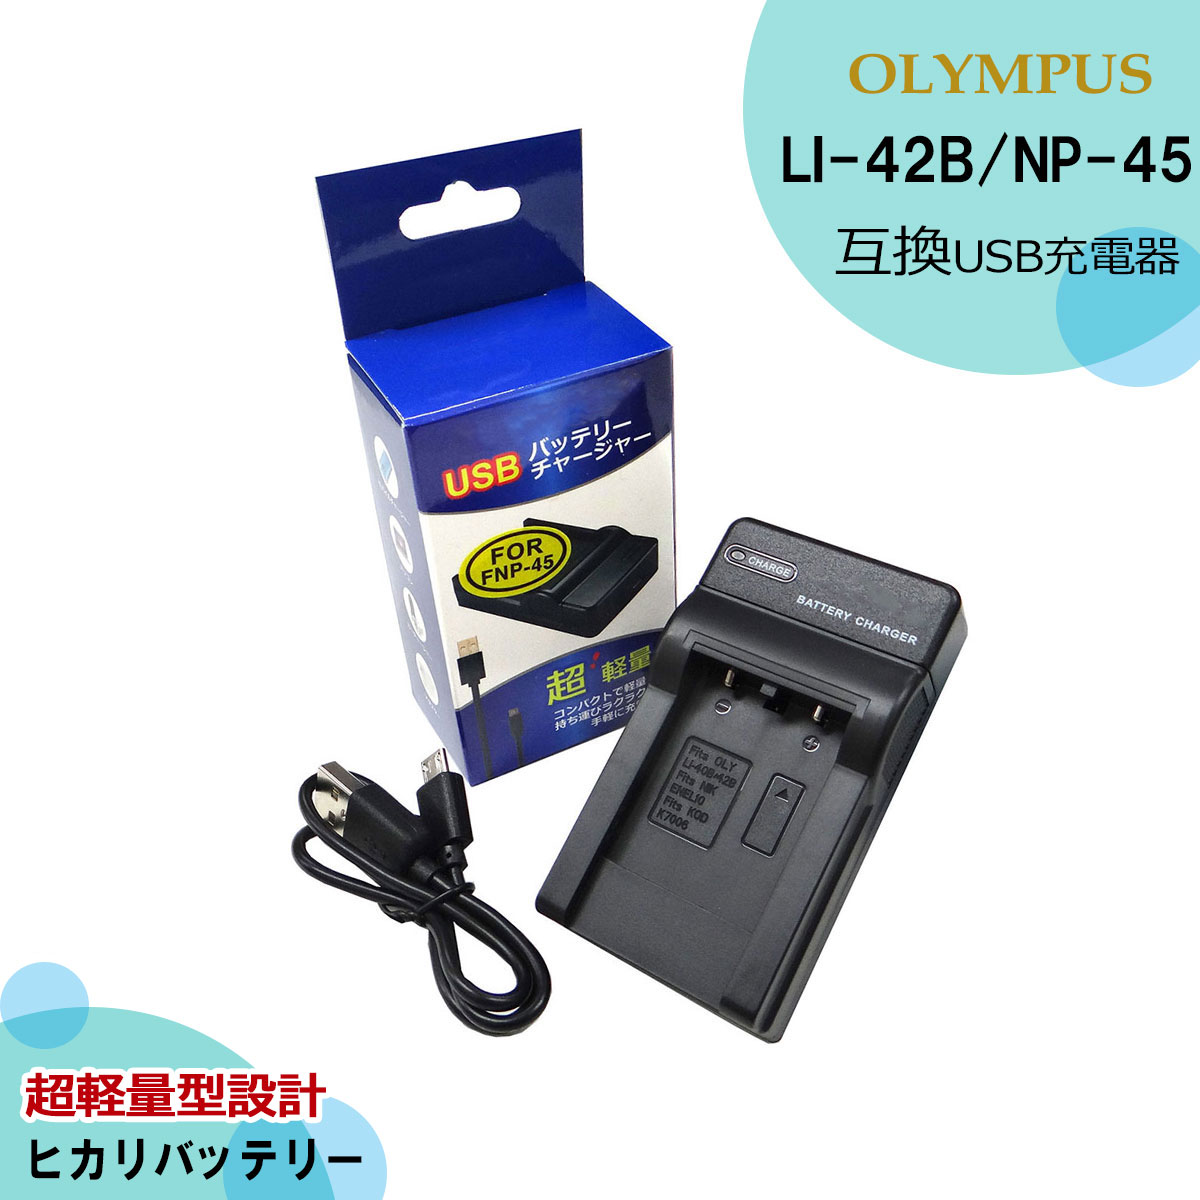 互換充電器 ご購入日より安心の6ヶ月保証 純正バッテリーも充電可能 あす楽対応 フジ オリンパス カシオ 対応 NP-45 LI-42B NP-80 USB充電式 VR-310 SALE開催中 VR-320 EX-Z16 EX-S7PE EX-Z16BK EX-Z1 XP31 EX-S8 EX-S7 EX-Z16PK EX-S7BK FinePix Zoom XP50 爆買いセール VR-325